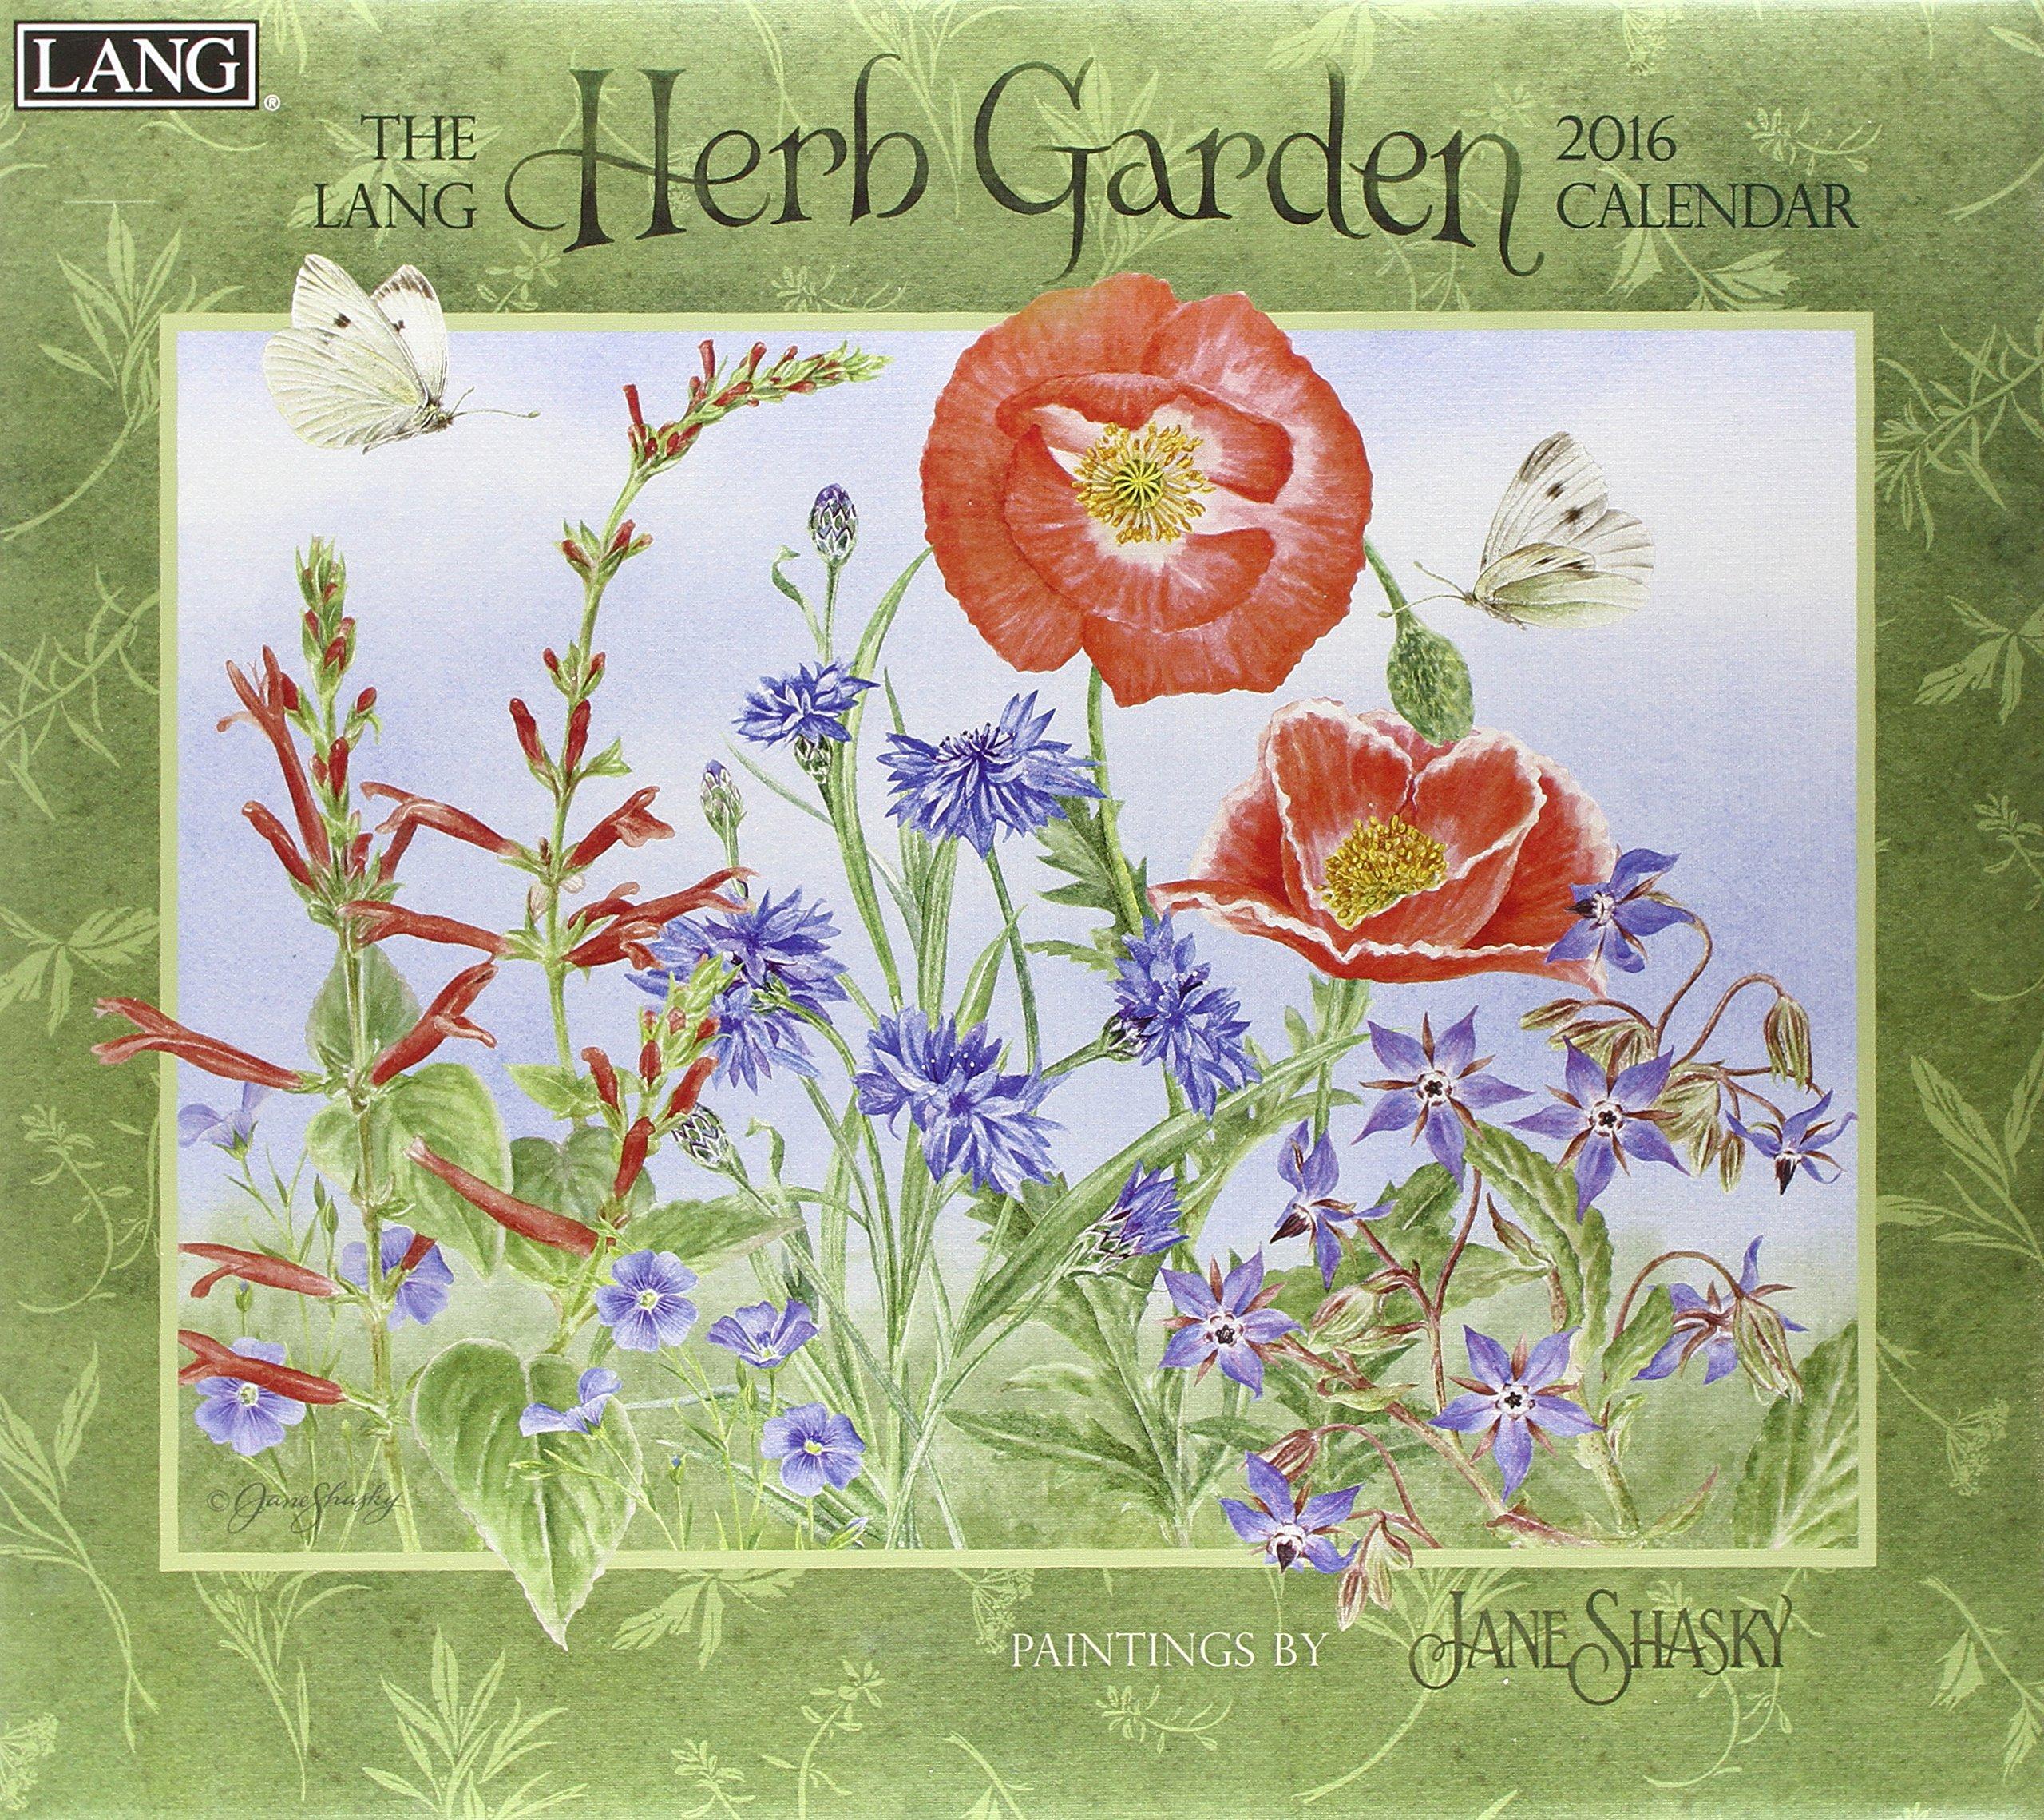 The Lang Herb Garden 2016 Calendar ebook